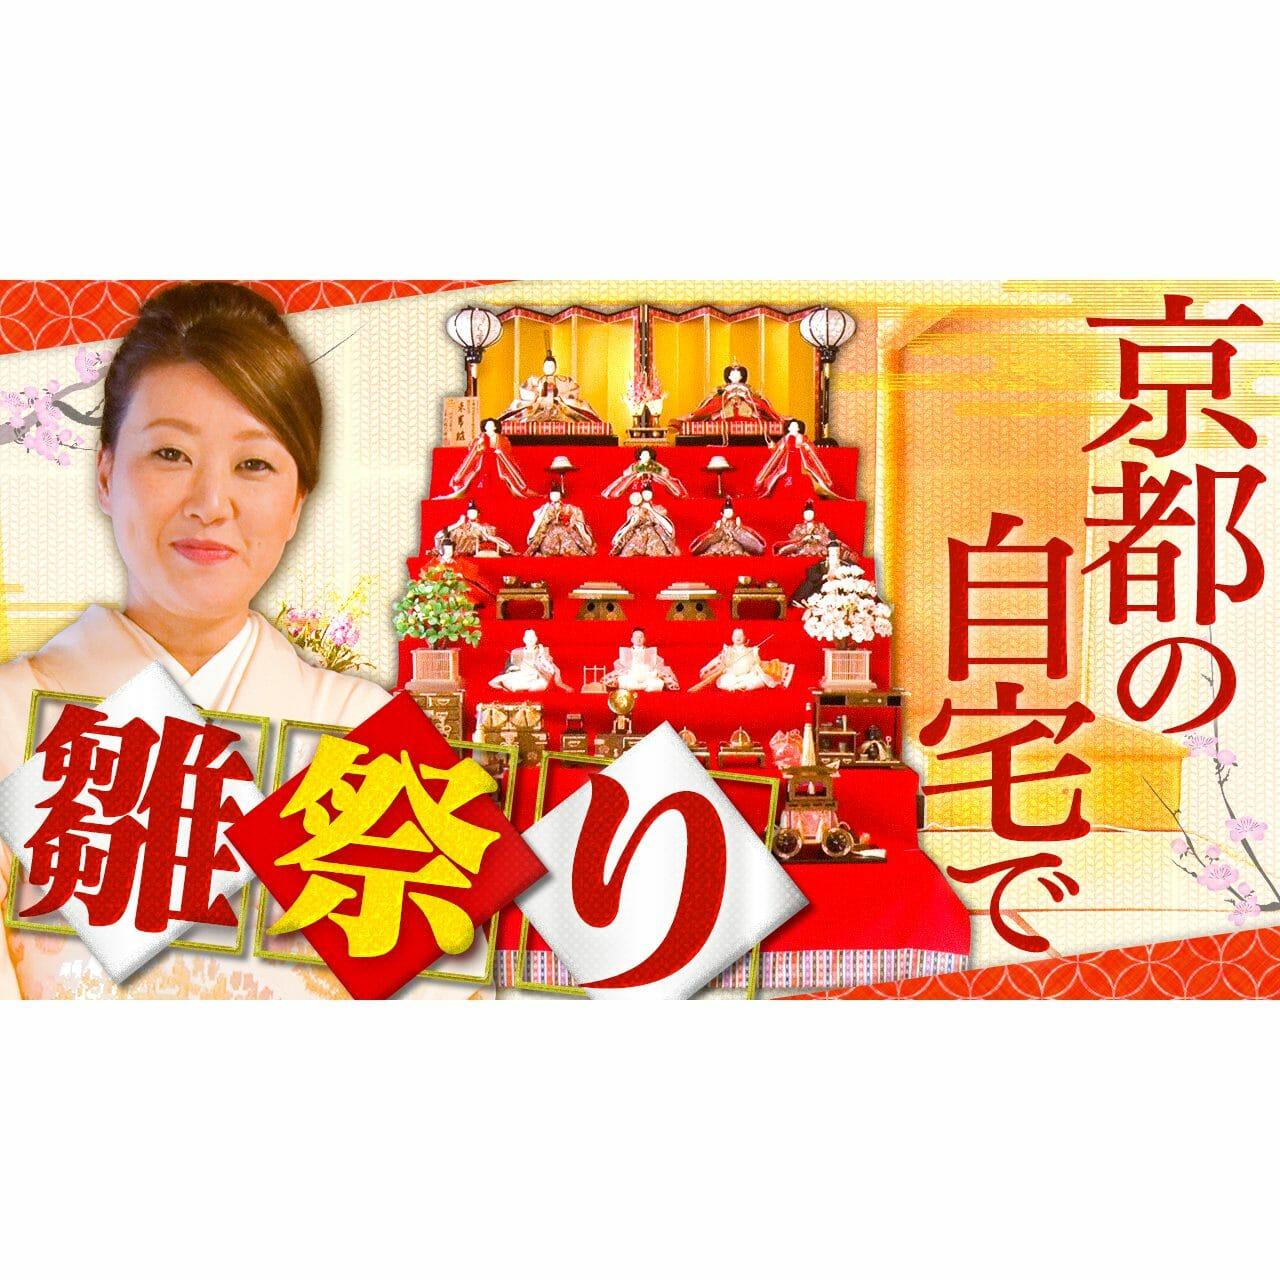 【ひな祭り】京都の自宅で孫の初節句のお祝いをしました!「家族全員集合!」